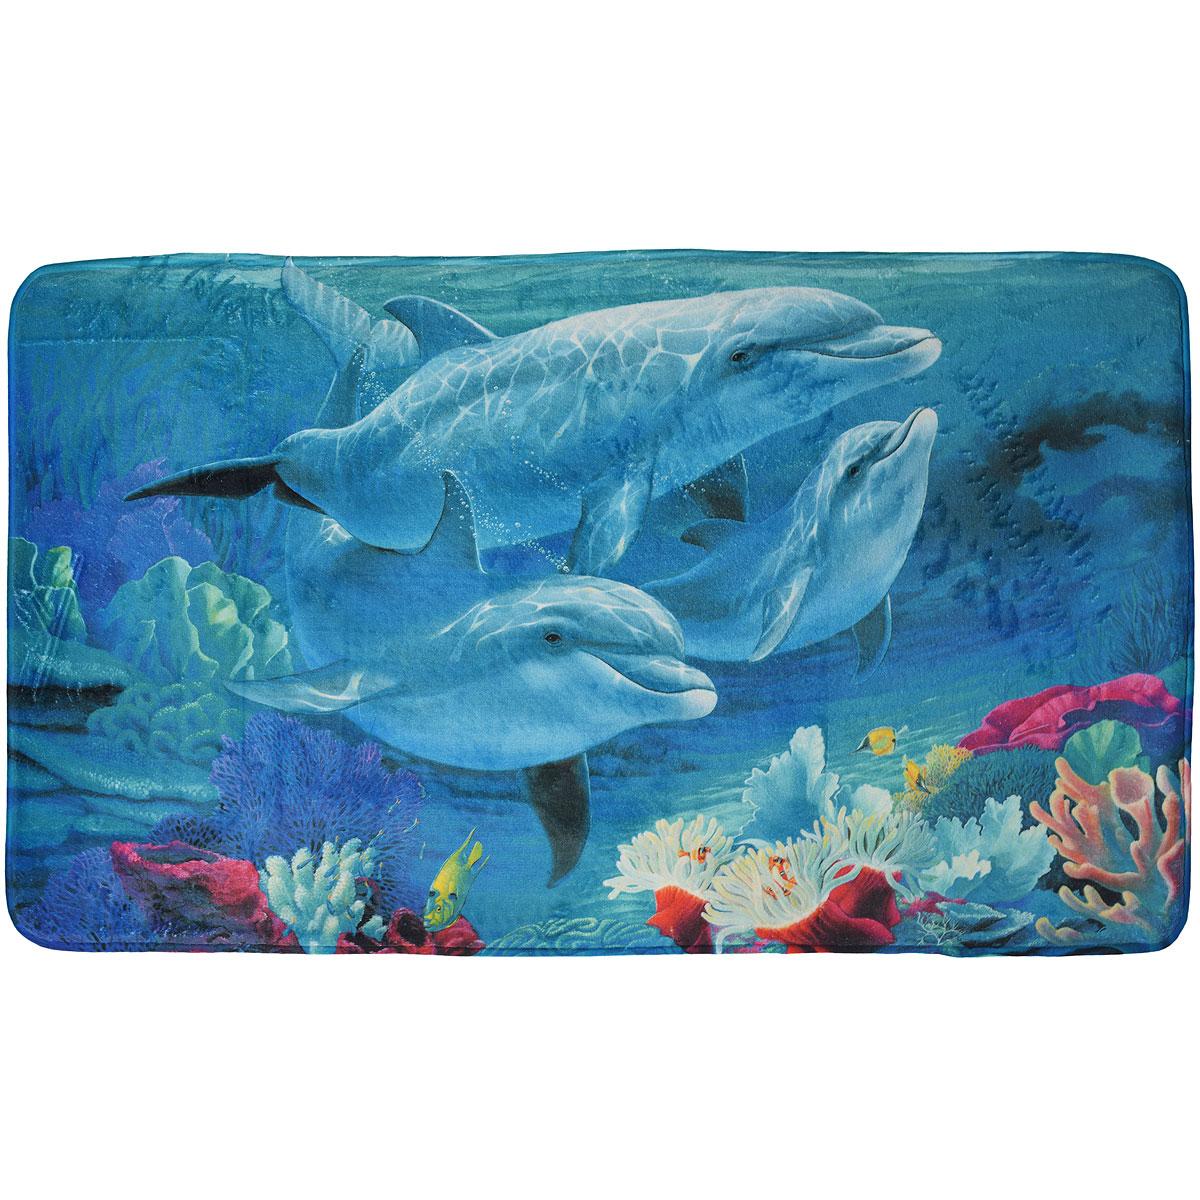 Коврик White Fox Дельфины , 60 х 100 см68/5/2Коврик White Fox Дельфины из серии Relax равномерно распределяет нагрузку на поверхность стопы, снимая напряжение и усталость в ногах. Он состоит из трех слоев: - верхний флисовый слой прекрасно дышит, благодаря чему коврик быстро высыхает;- основной слой выполнен из специального вспененного материала, который точно повторяет рельеф стопы, создает комфорт и полностью восстанавливает первоначальную форму;- нижний резиновый слой препятствуют скольжению коврика на полу. Качественное изделие притягивает взгляд и прекрасно подойдет к интерьеру вашего дома.Можно стирать в стиральной машине при температуре 30°С.